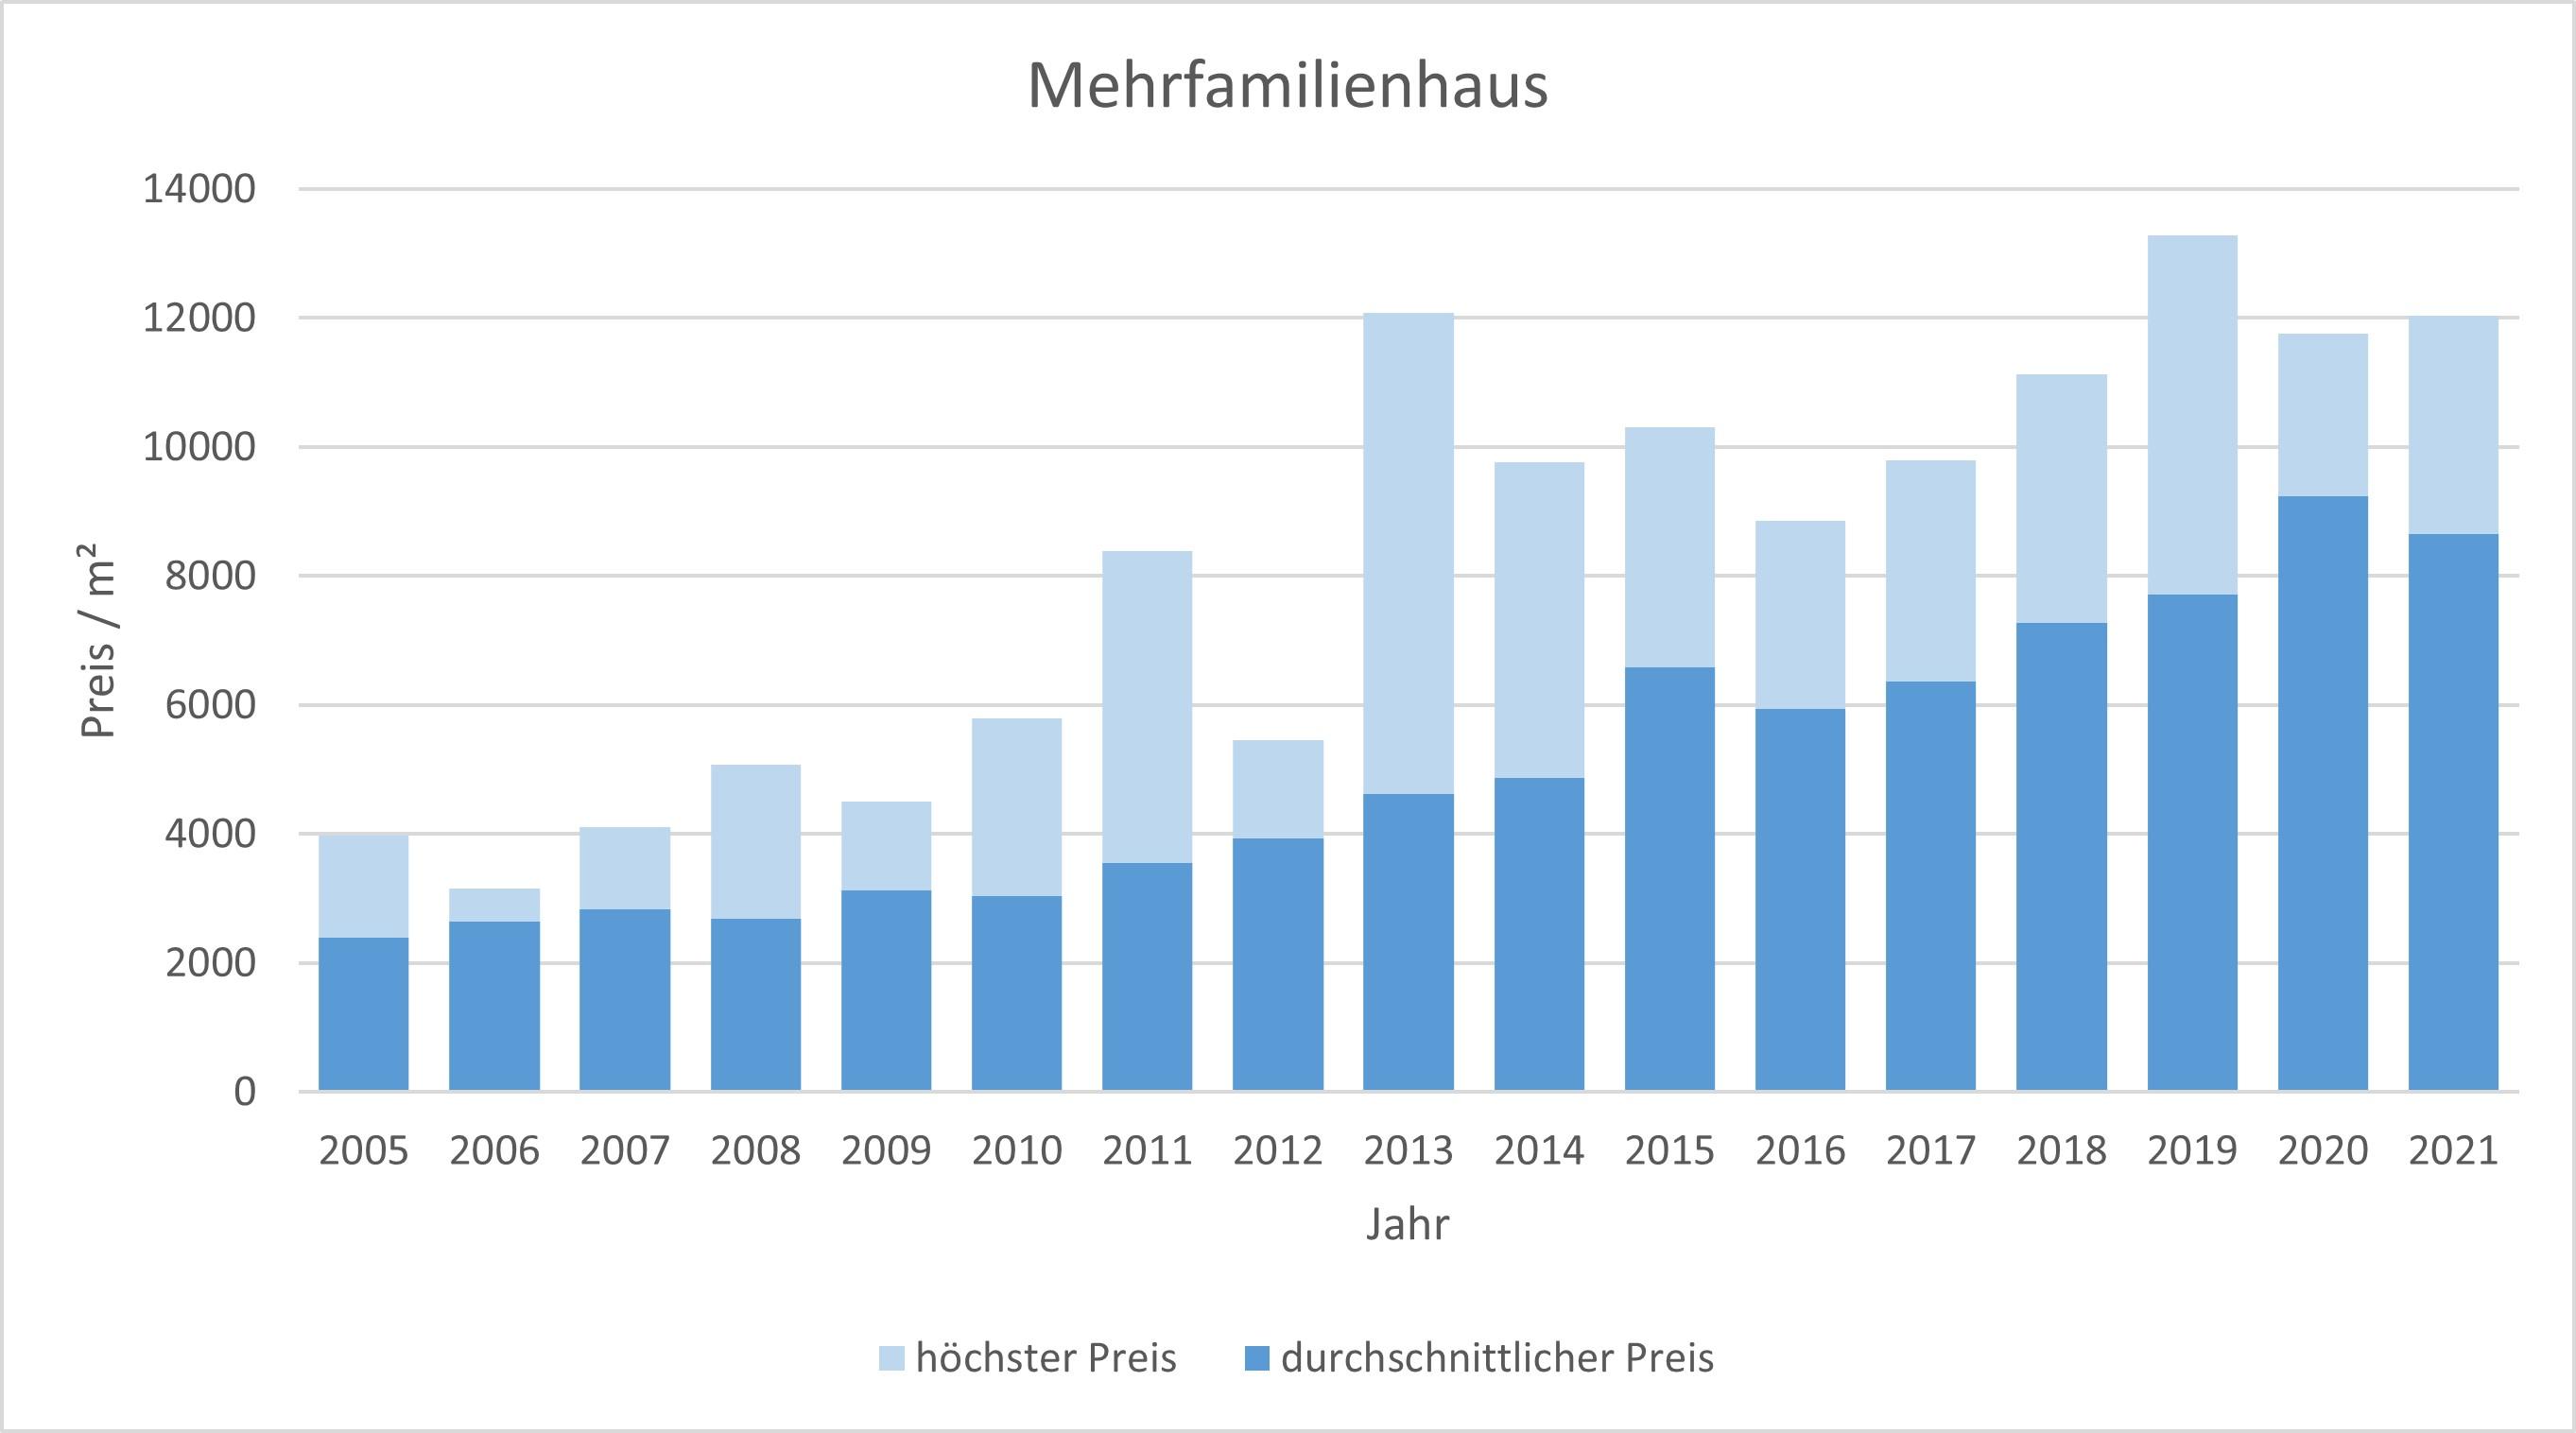 München - Obermenzing Mehrfamilienhaus kaufen verkaufen Preis Bewertung Makler 2019 2020 2021 www.happy-immo.de